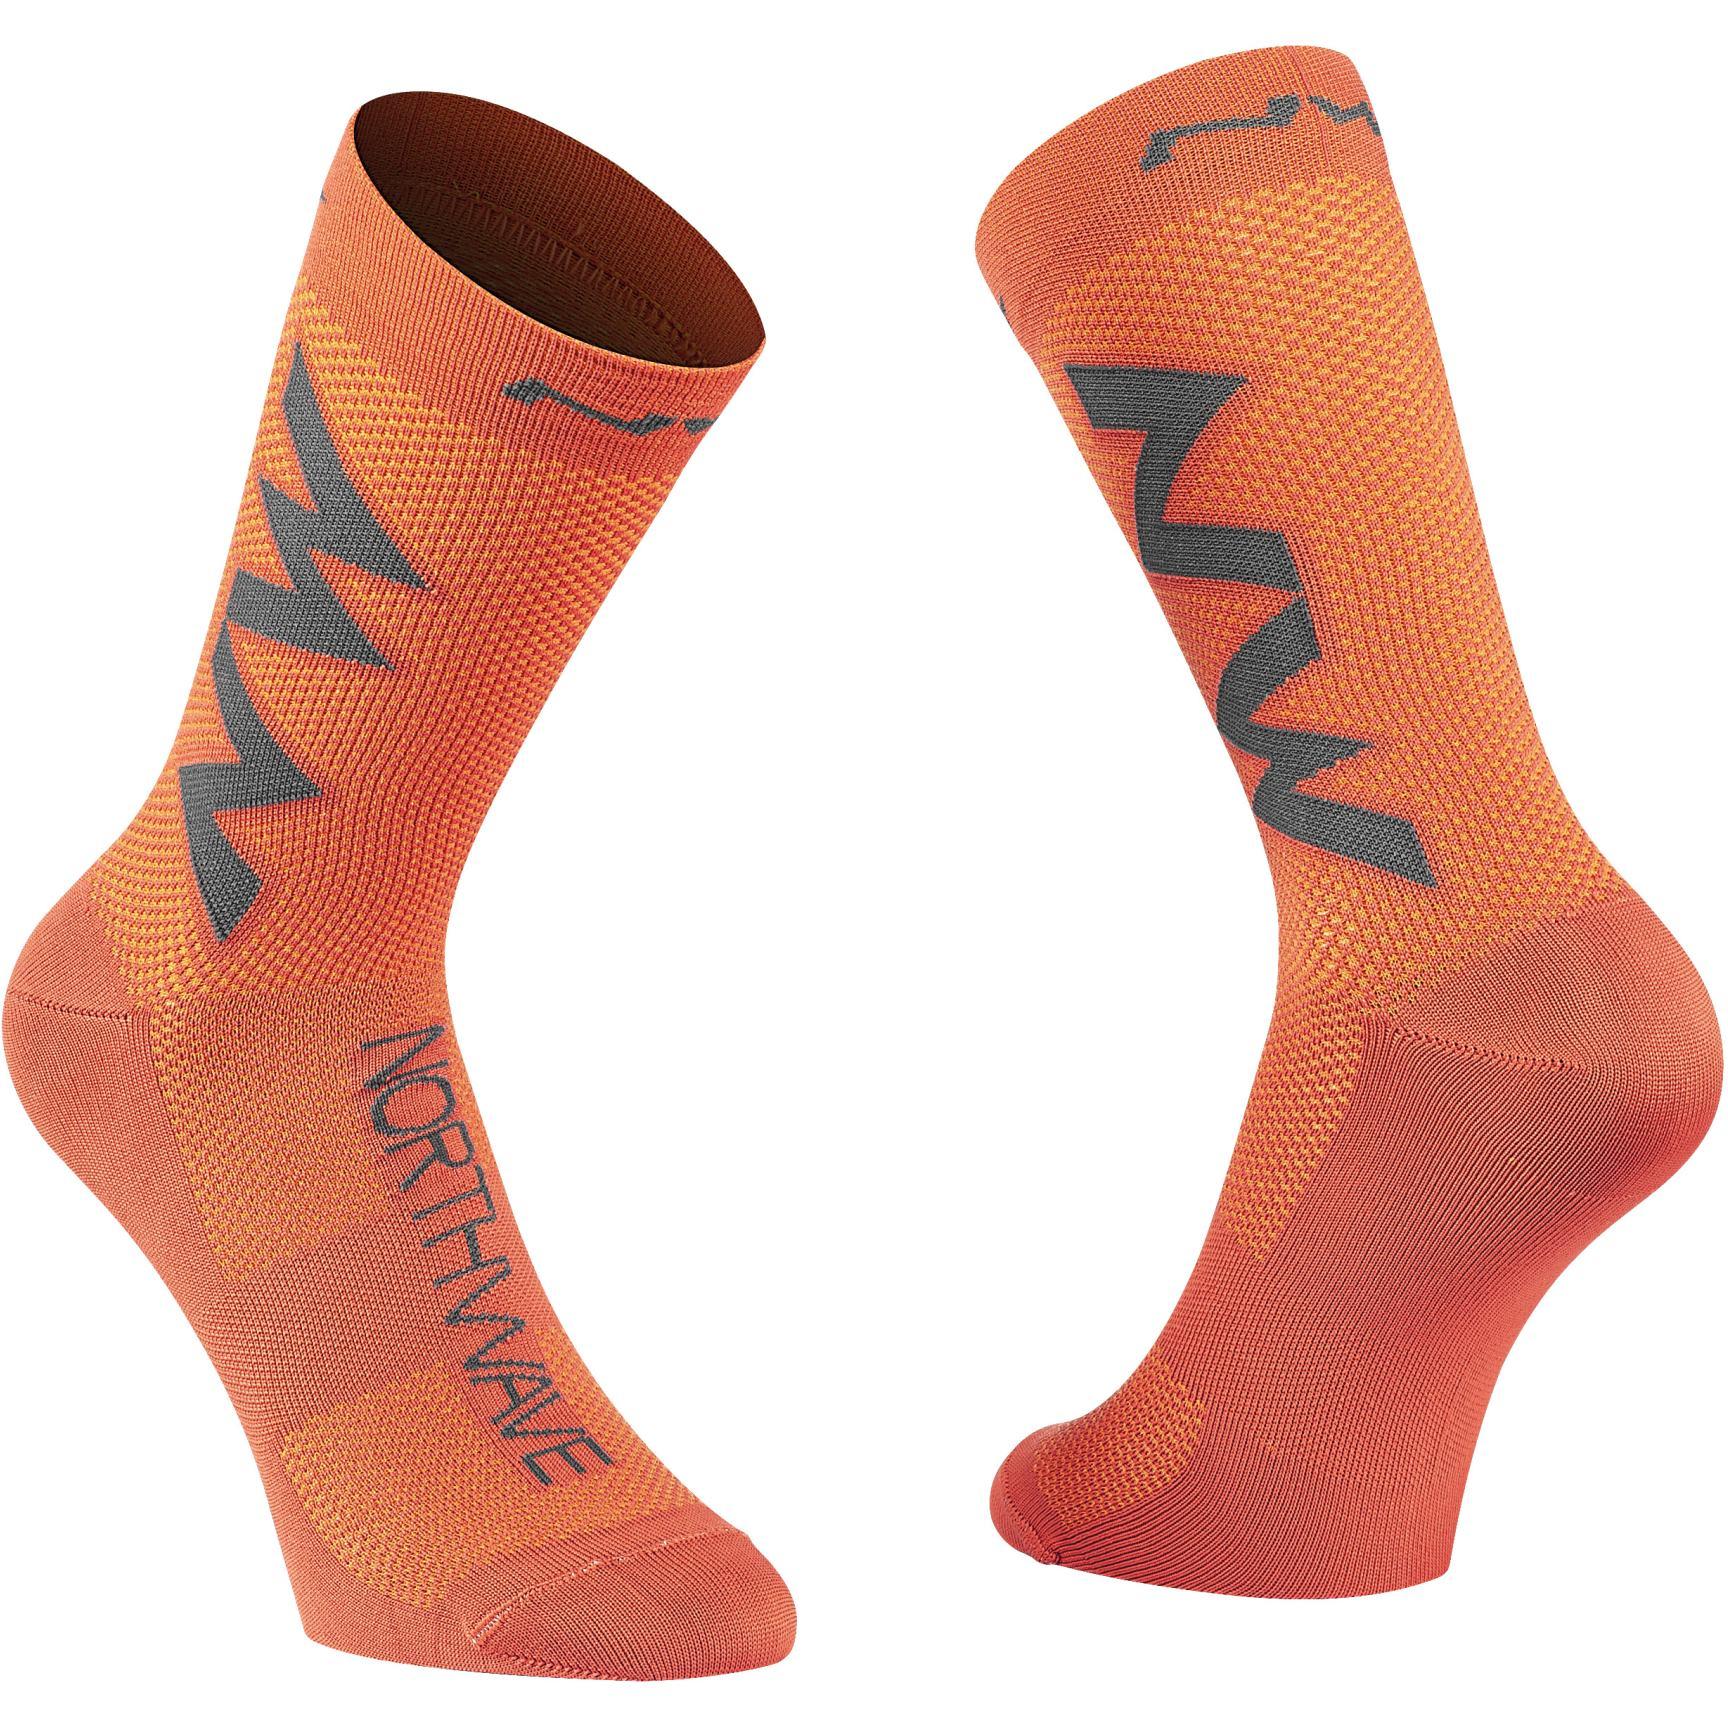 Produktbild von Northwave Extreme Air Socken - Siena Orange